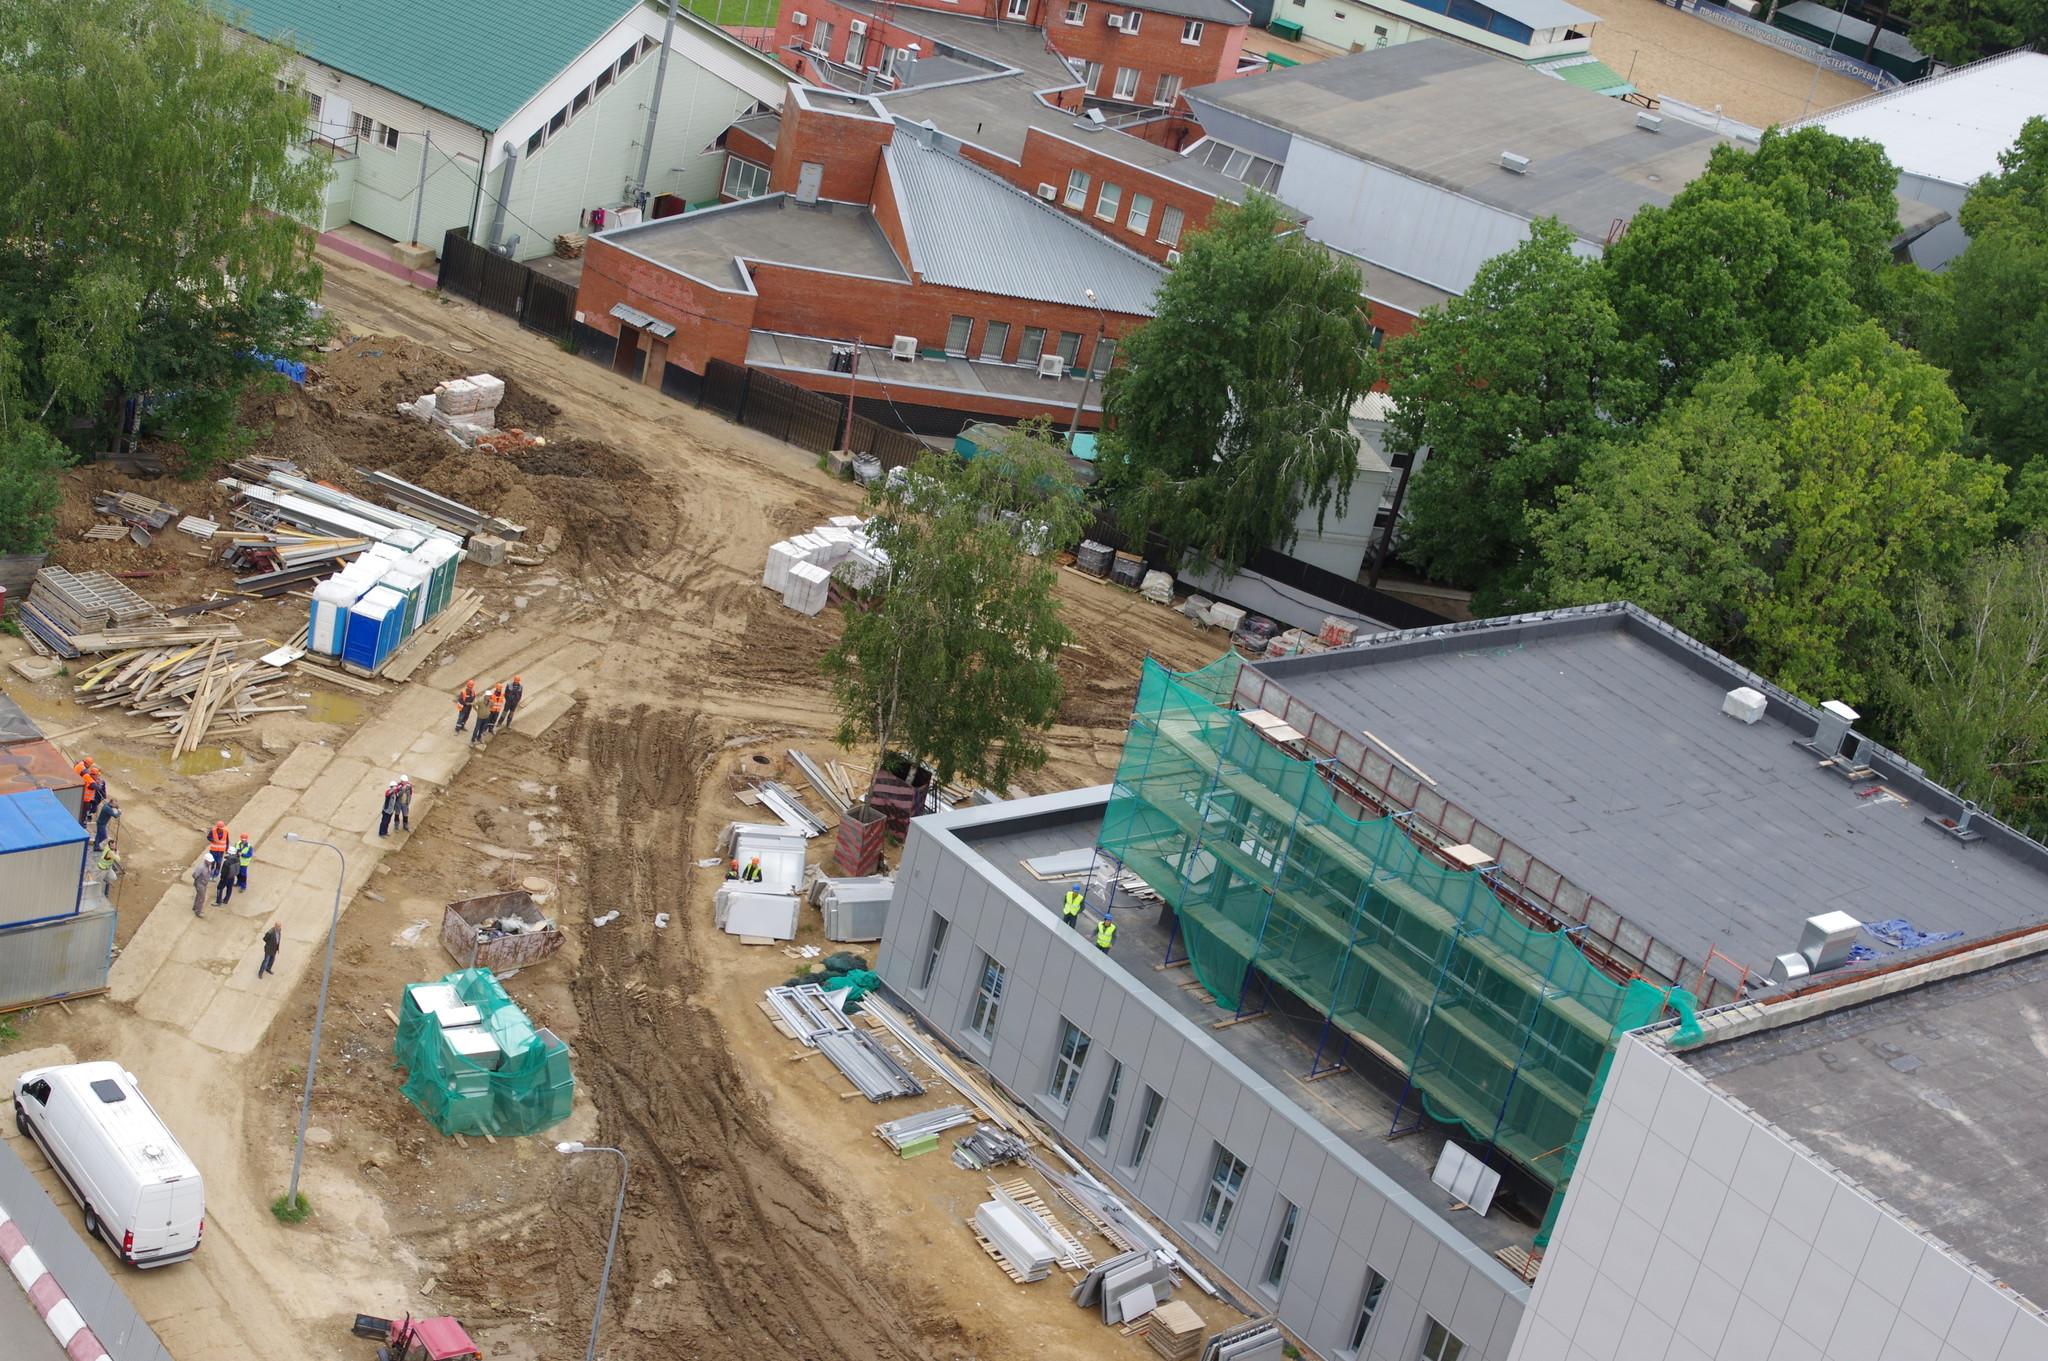 В 4-м микрорайоне Северного возводится комплекс для ГБУ «Спортивная школа олимпийского резерва «Северный» Москомспорта»